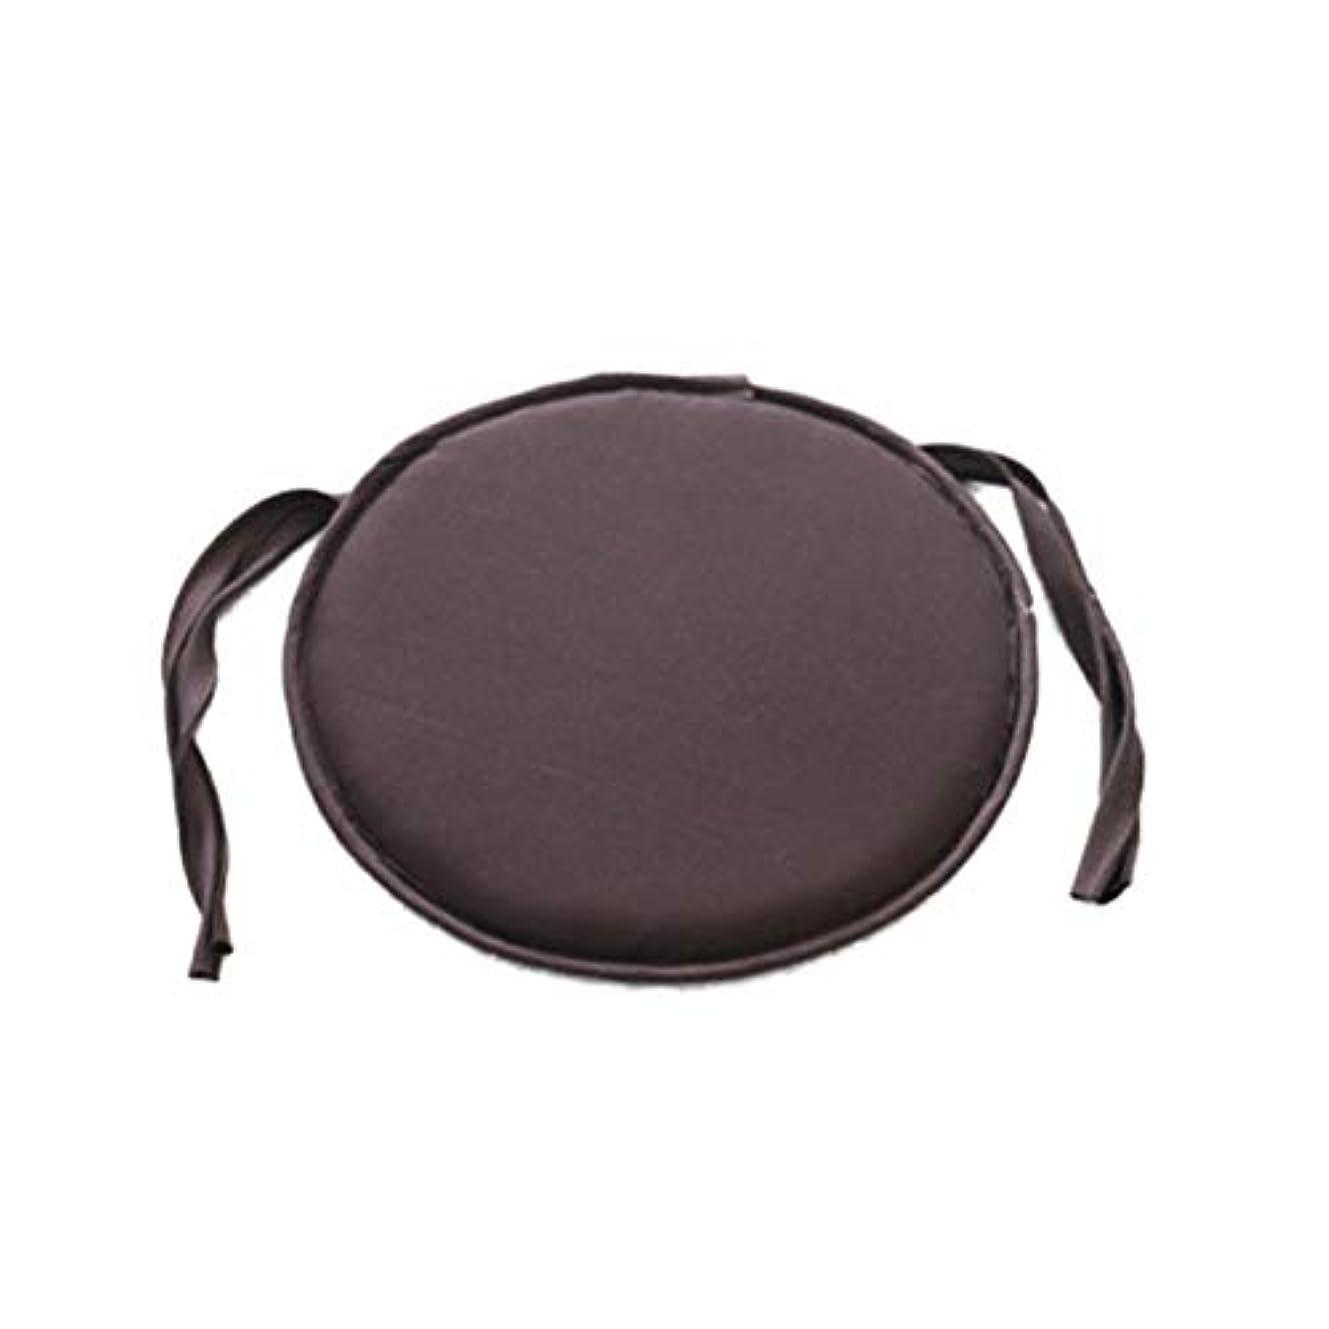 退屈退屈推測するSMART ホット販売ラウンドチェアクッション屋内ポップパティオオフィスチェアシートパッドネクタイスクエアガーデンキッチンダイニングクッション クッション 椅子